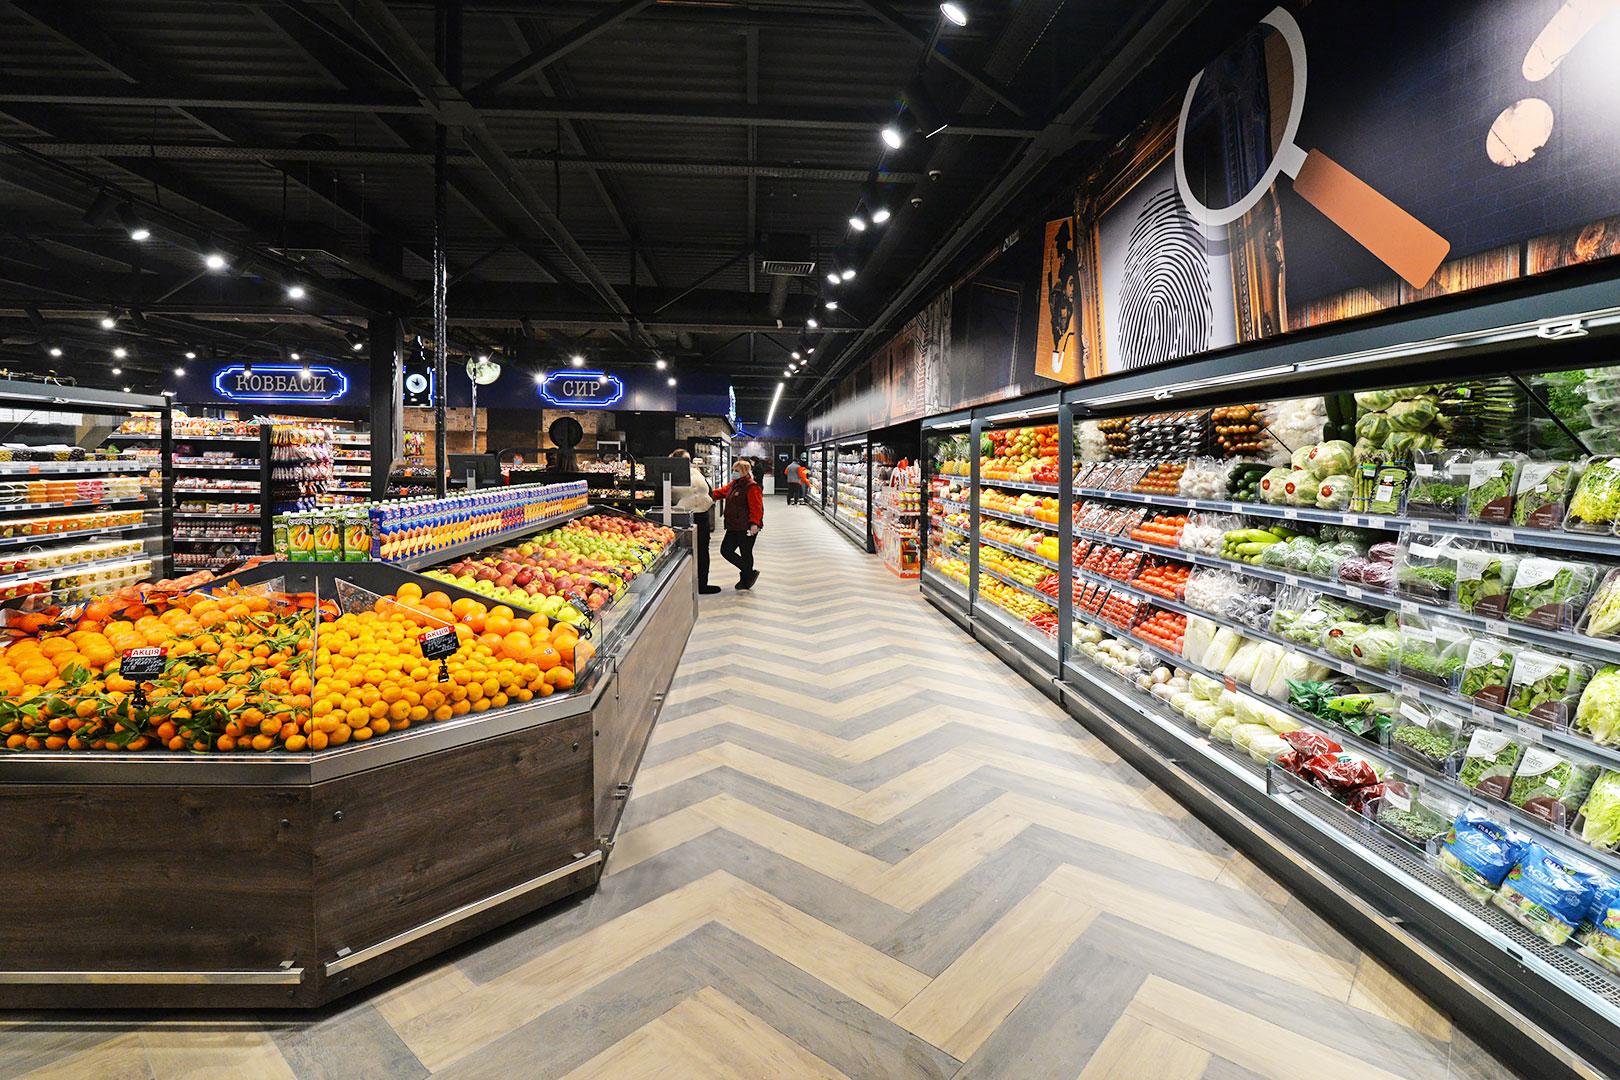 Спеціалізовані вітрини для продажу овочів і фруктів Missouri VF MC 110 VF self 110-DBM, Indiana MV 080 FV O 205-DLM